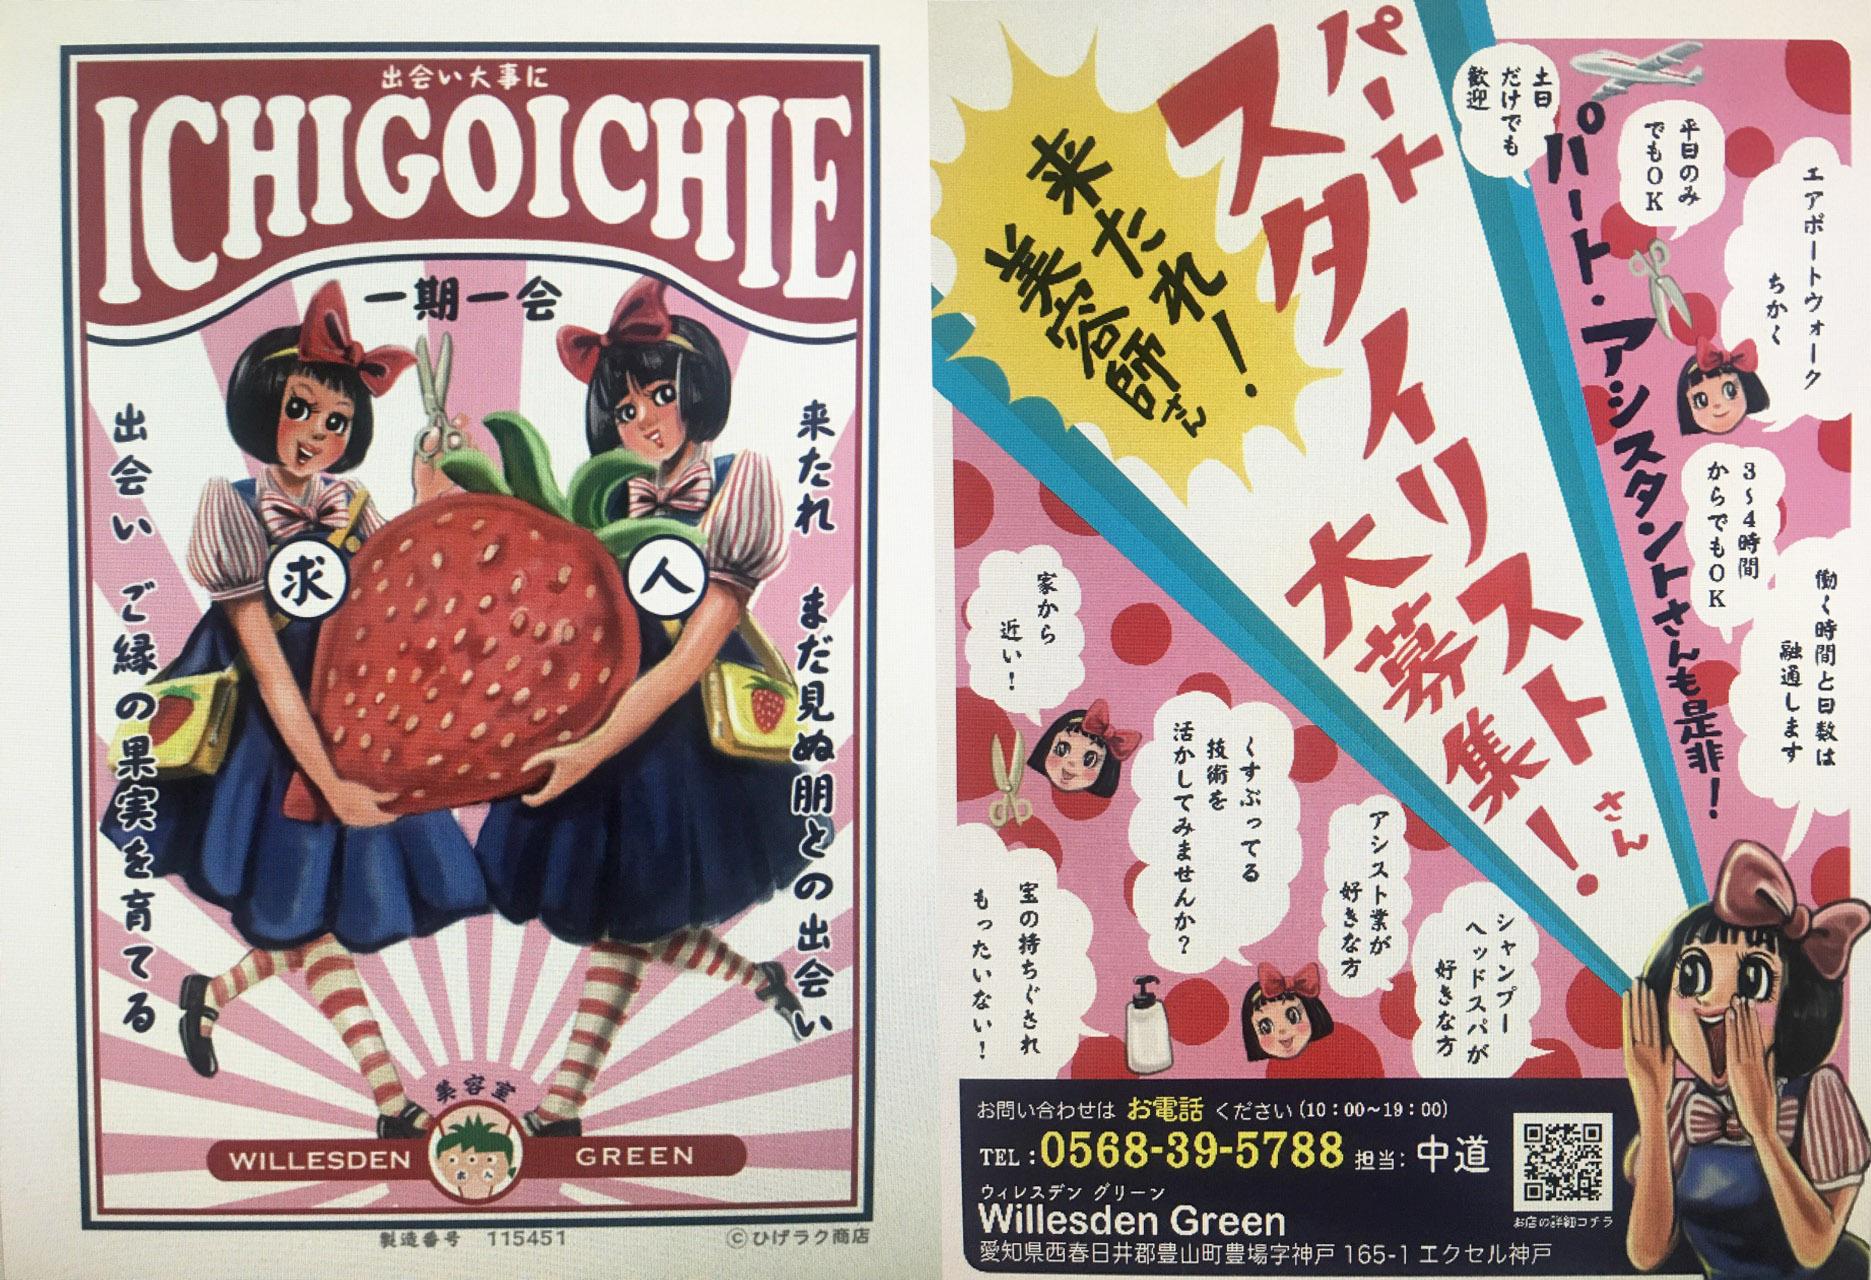 昭和レトロ風イラスト描きます ユーモアとダイナミック ひげラク図絵社